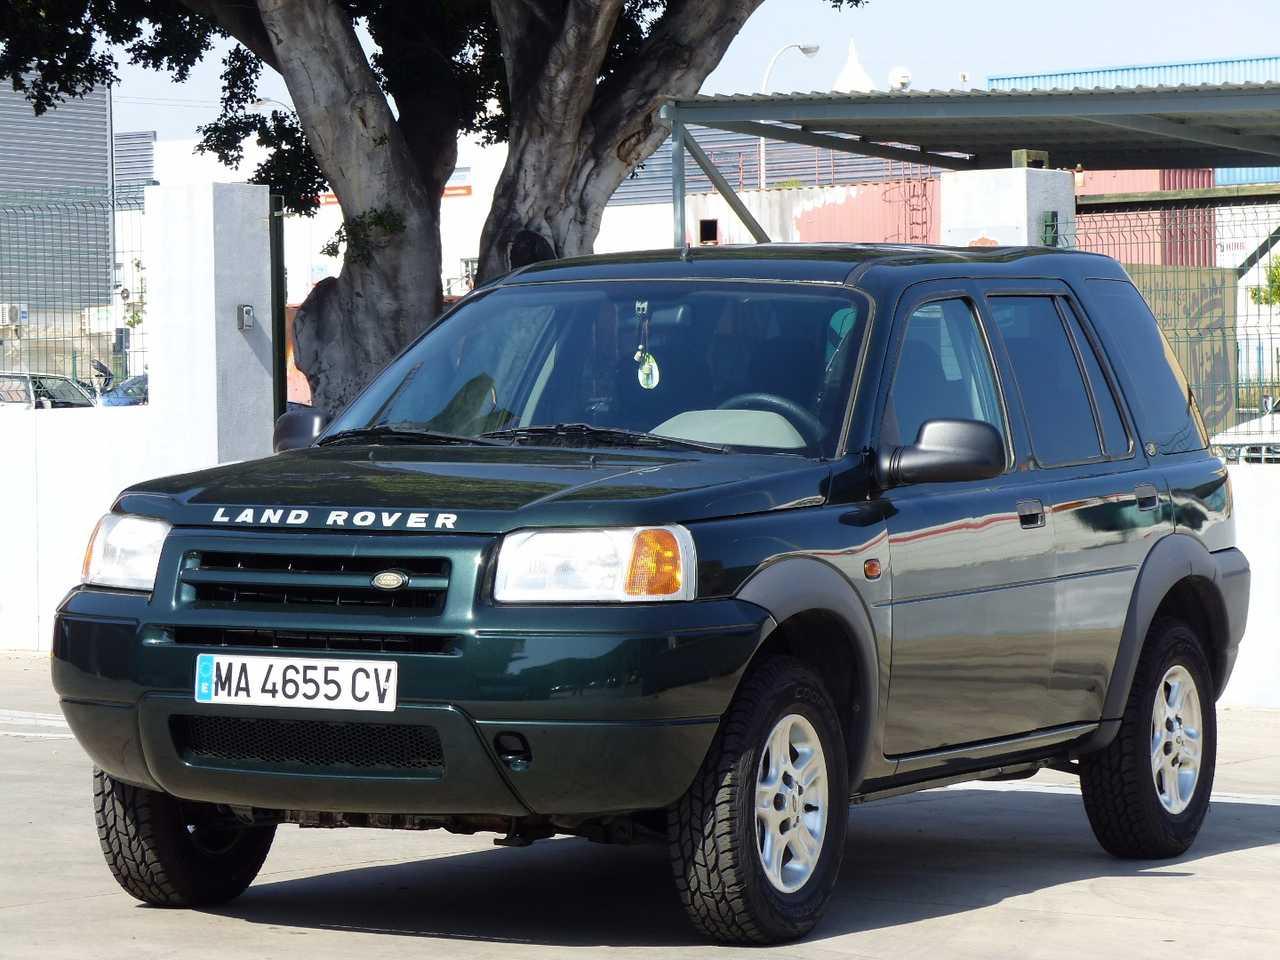 Land-Rover Freelander 2.0 DI CINCO PUERTAS BOLA CRISTALES TINTADOS   - Foto 1